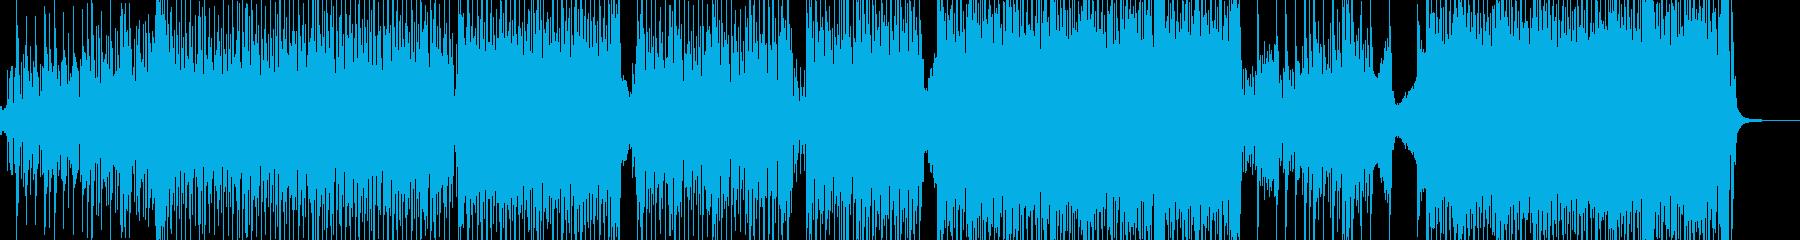 弱肉強食・原始時代イメージのテクノ A3の再生済みの波形